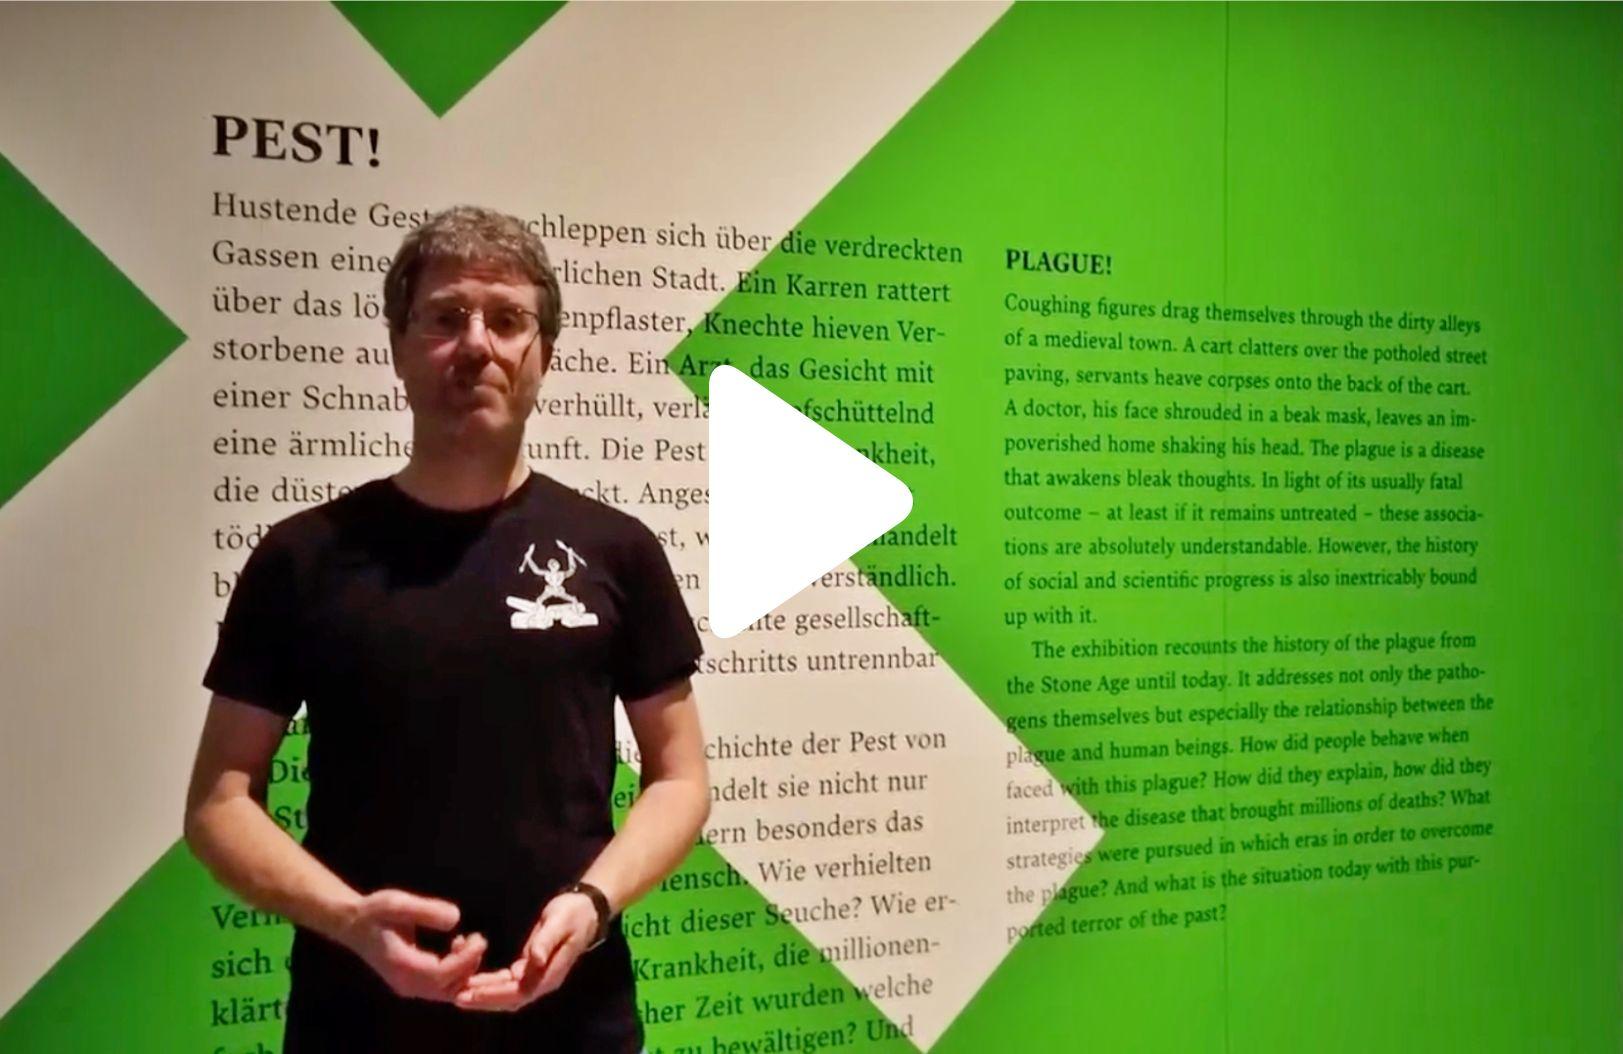 Kurator Dr. Stefan Leenen nimmt die Internetnutzer mit auf eine Online-Führung durch die Ausstellung. Hier sehen Sie eine gekürzte Fassung des ersten Teils der Ausstellungsführung.